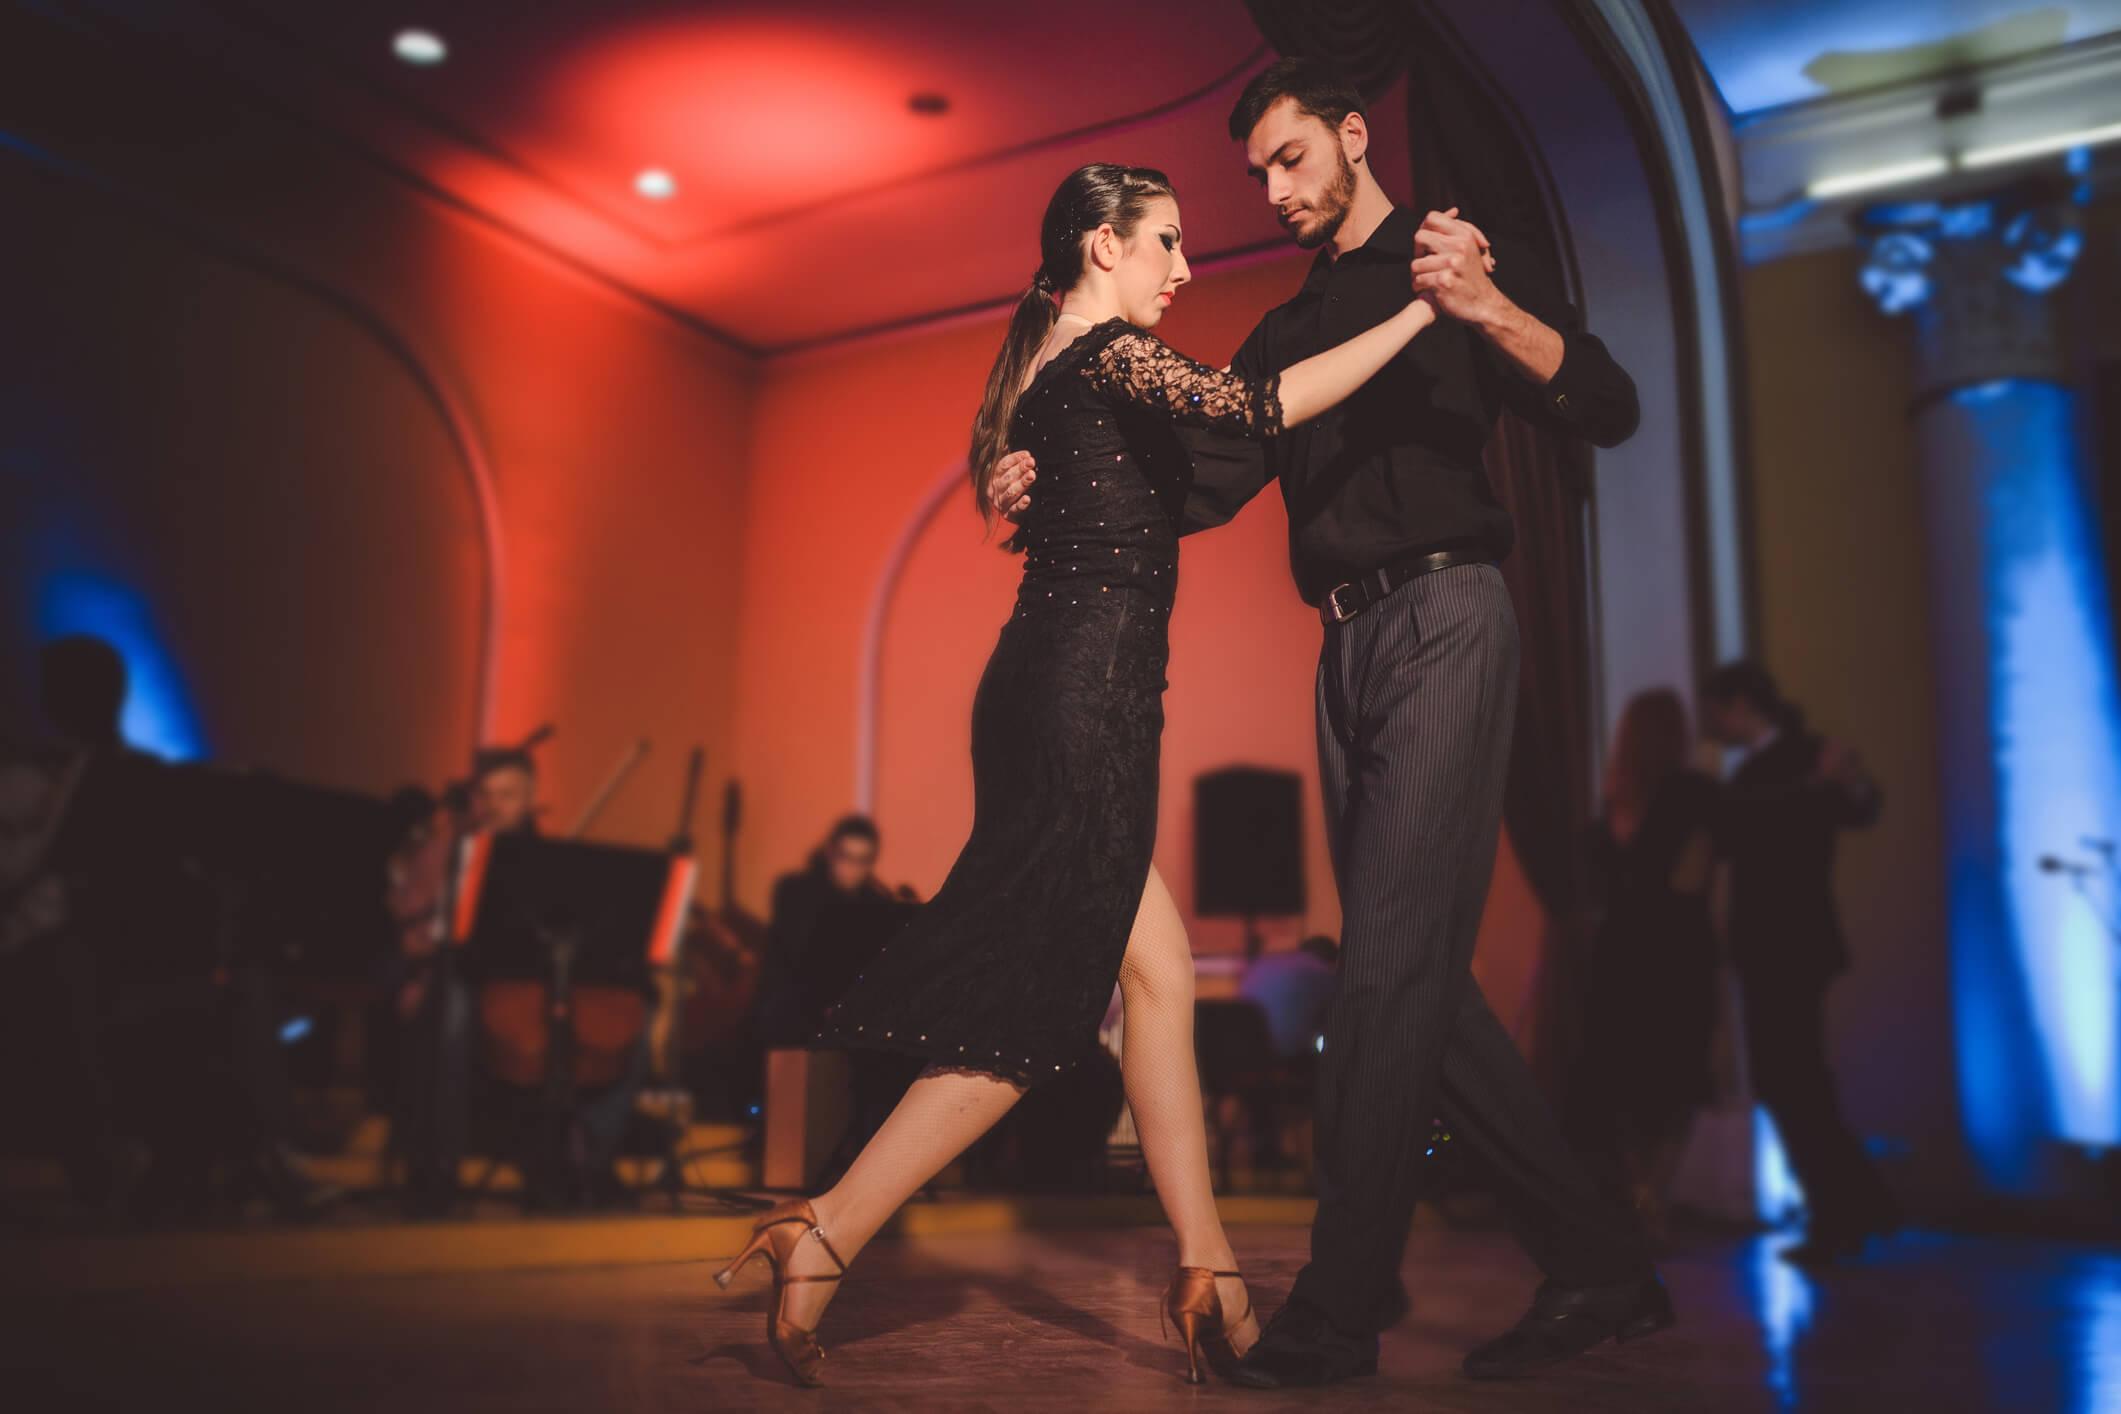 312652-danca-de-tango-3-melhores-dicas-para-voce-arrasar